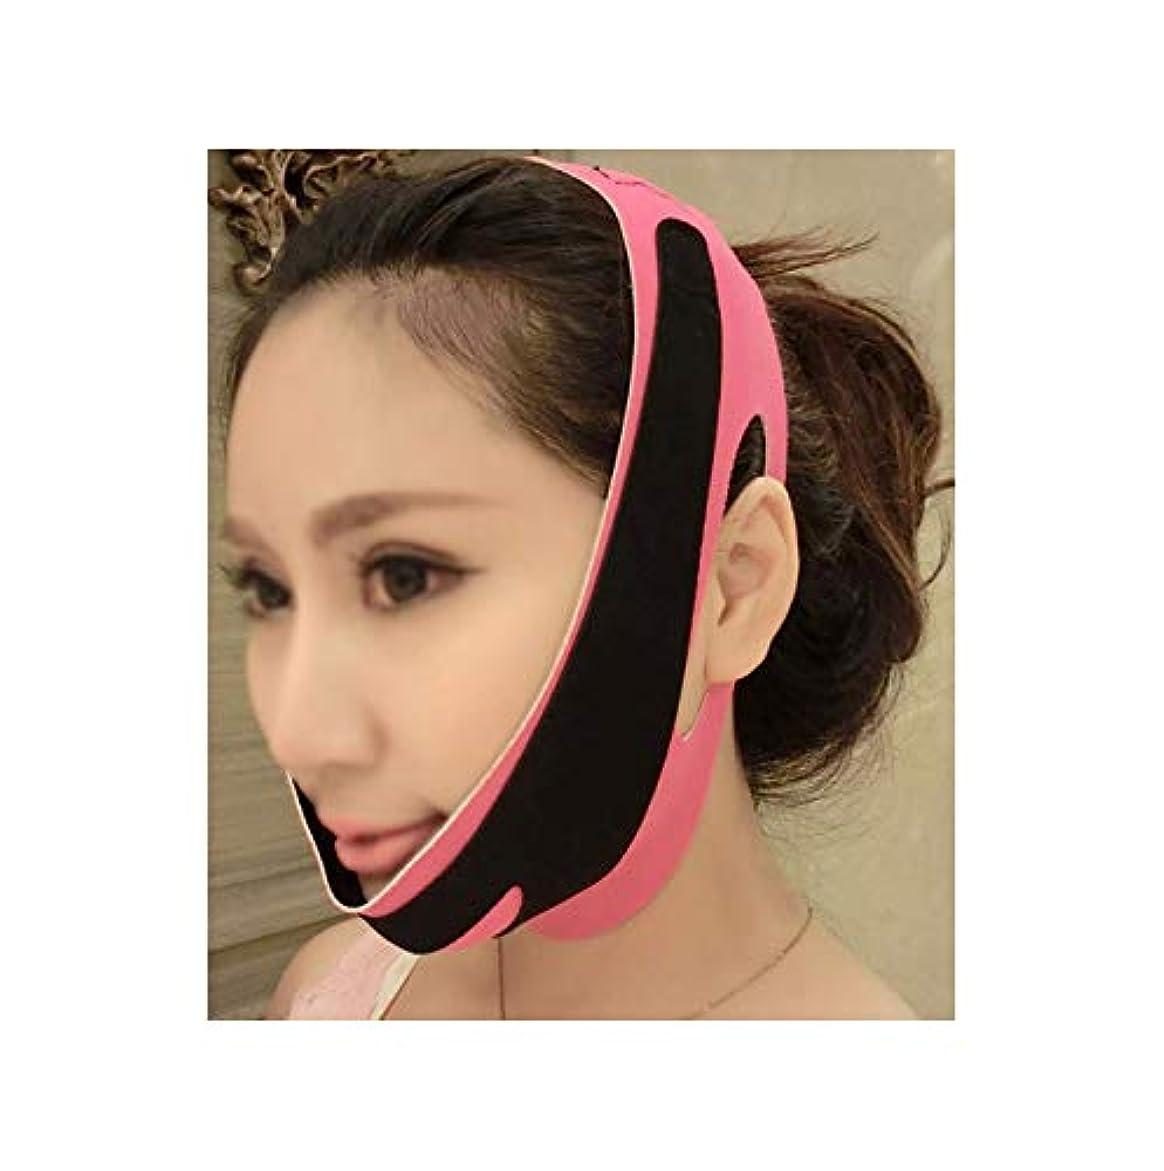 文字正確にはさみ薄い顔の包帯の顔のスリムを取り除く二重あごを取り除くVラインの顔の形を作成するあごの頬リフトアップアンチリンクルリフティングベルトフェイスマッサージツール女性と女の子用(3フェイス包帯)